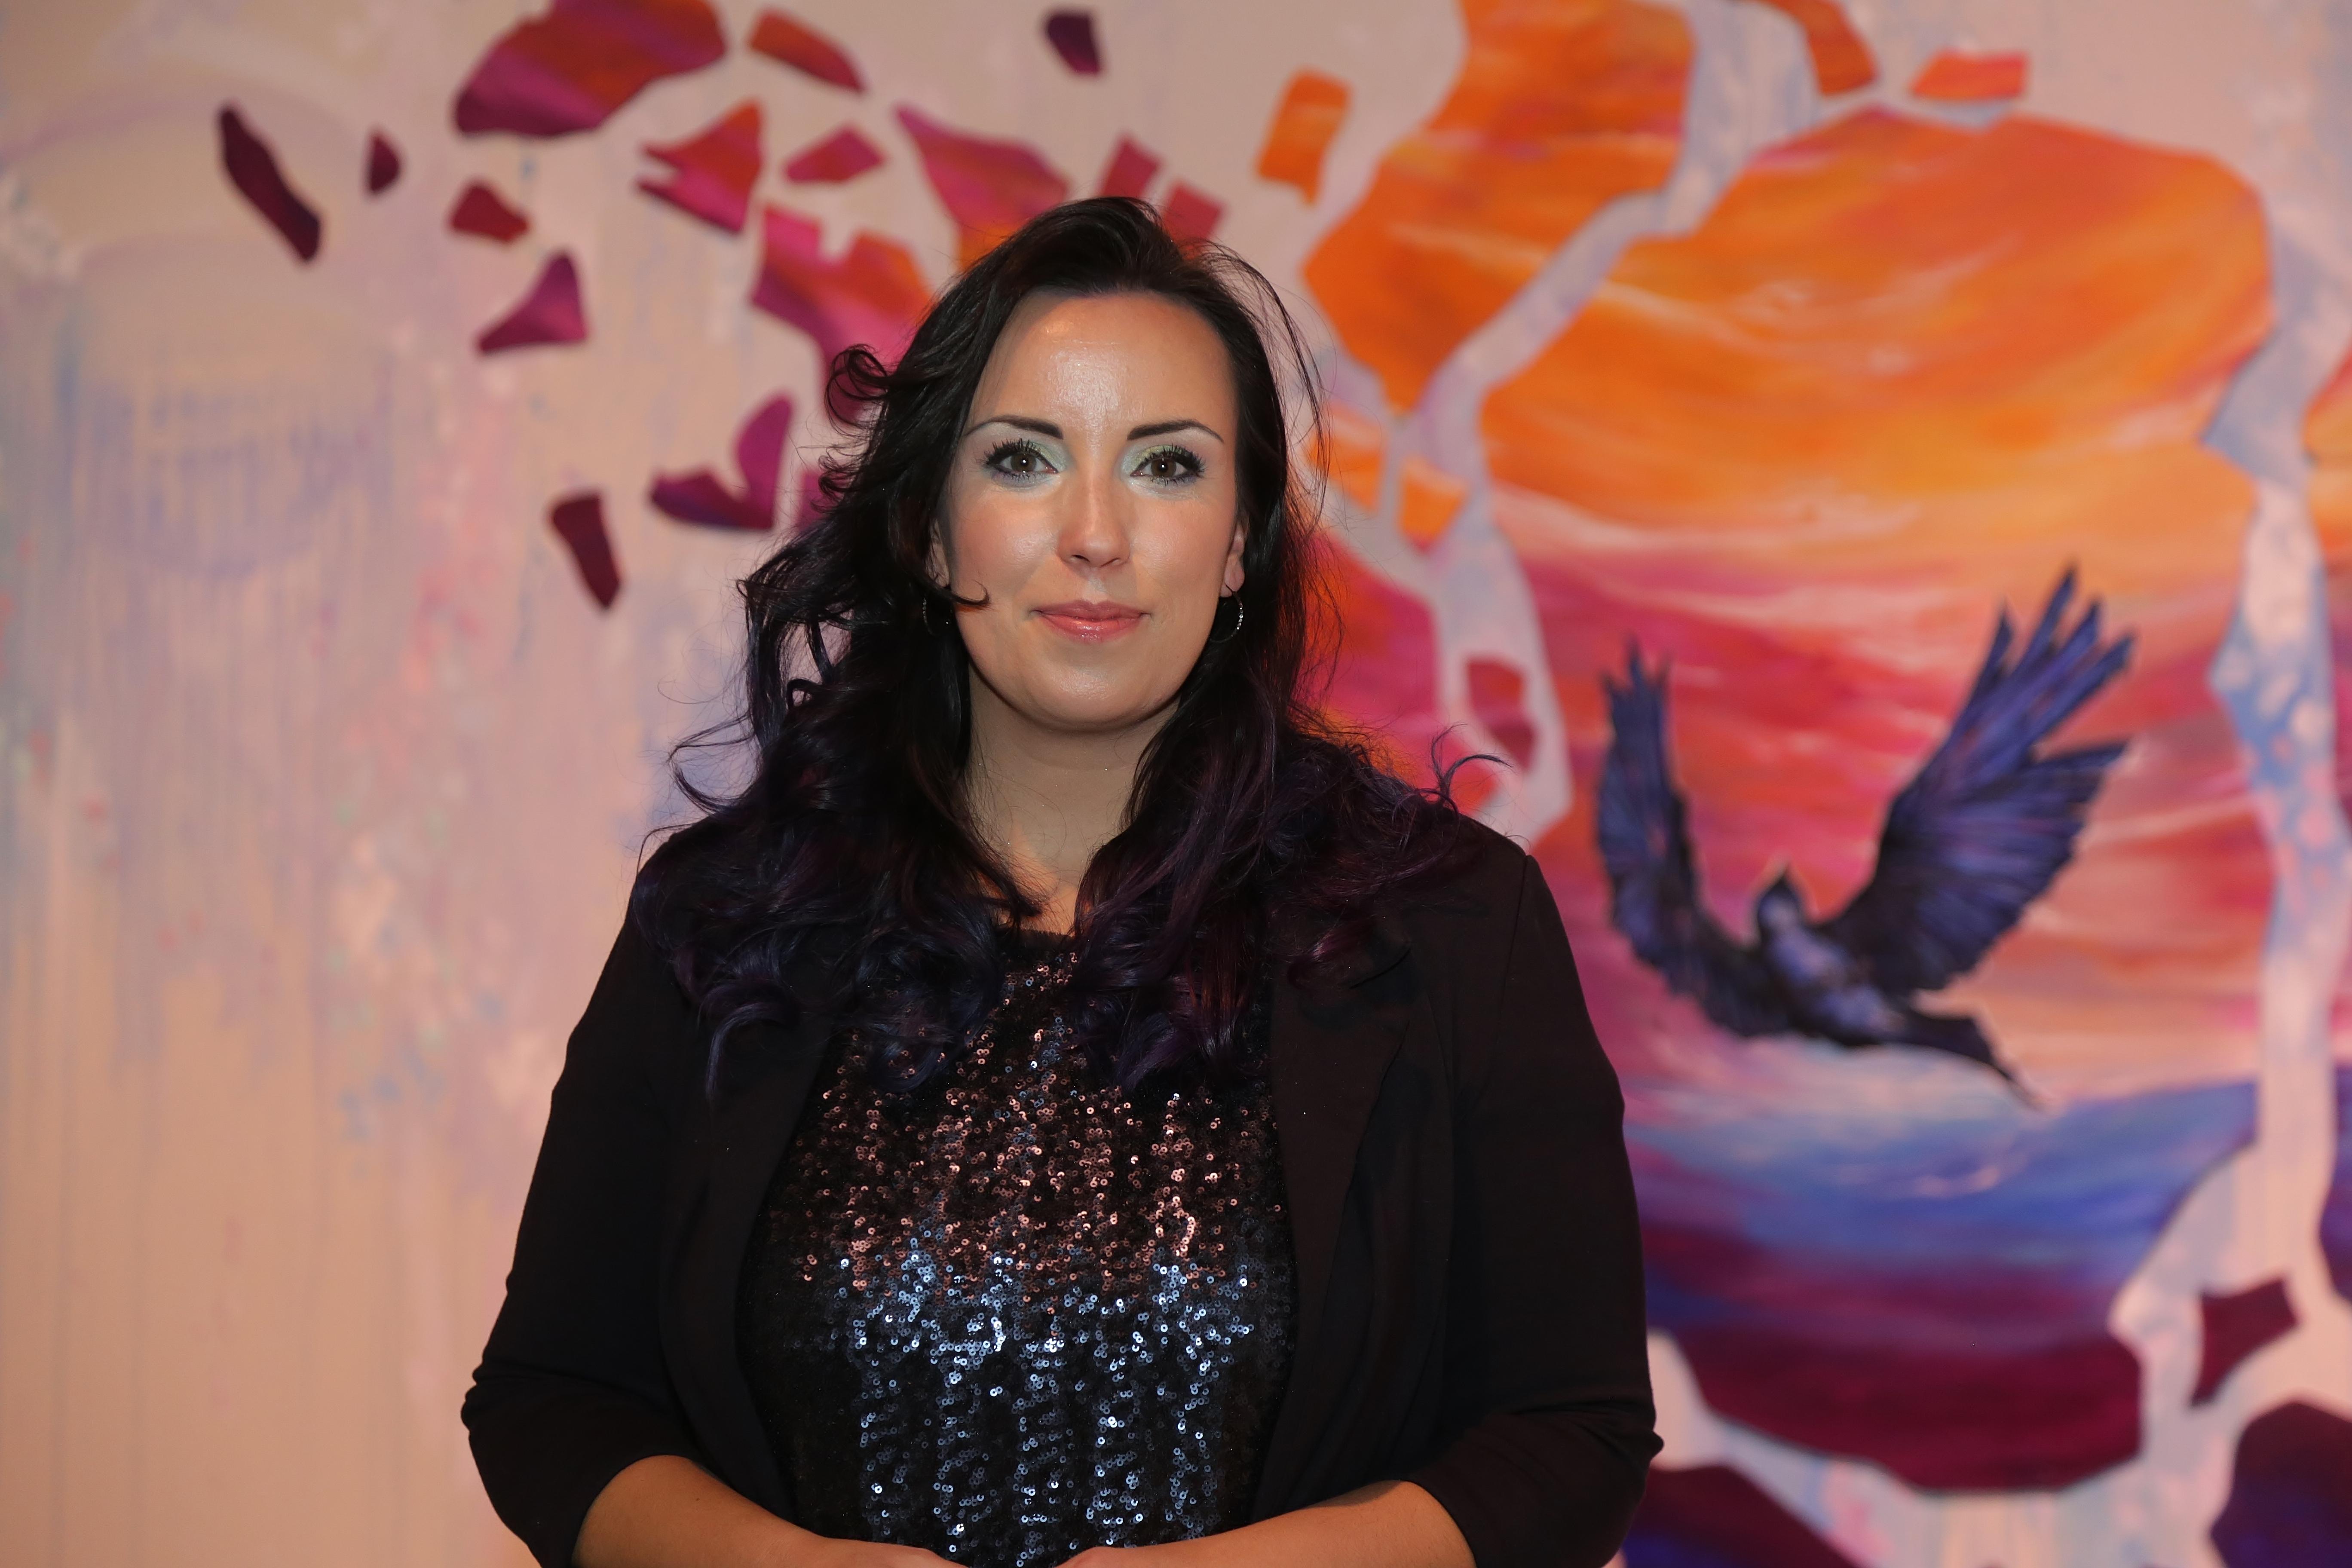 Alexandra Bastien